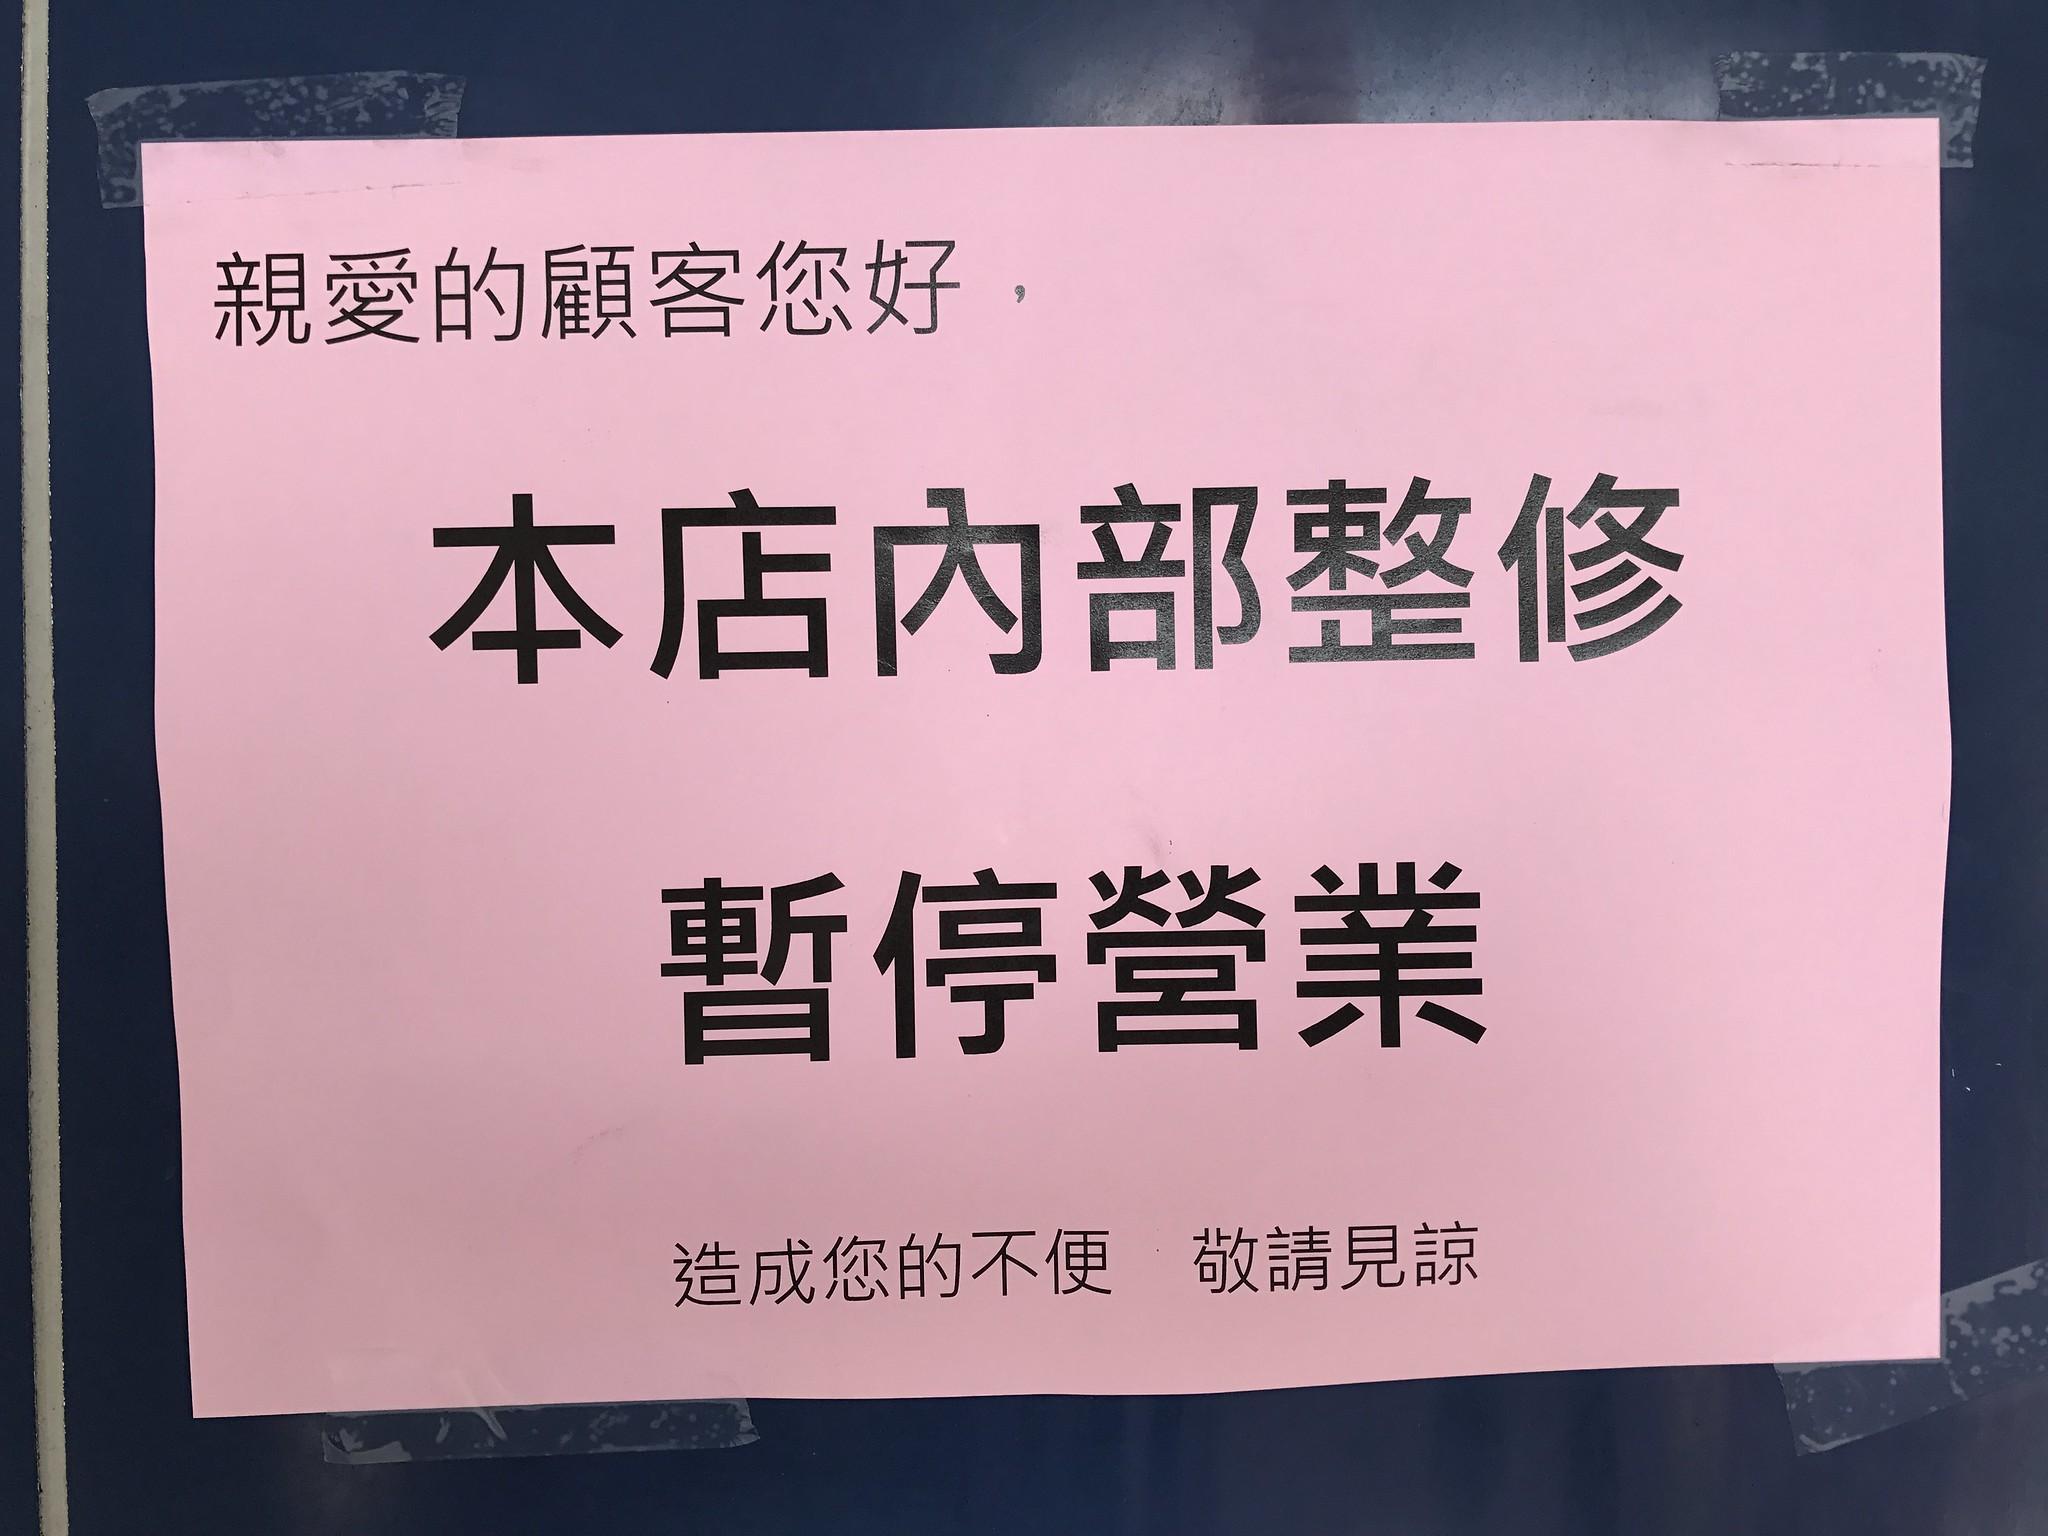 全聯北屯二店鐵門深鎖,以「內部整修」為由,暫停營業。(攝影:張宗坤)